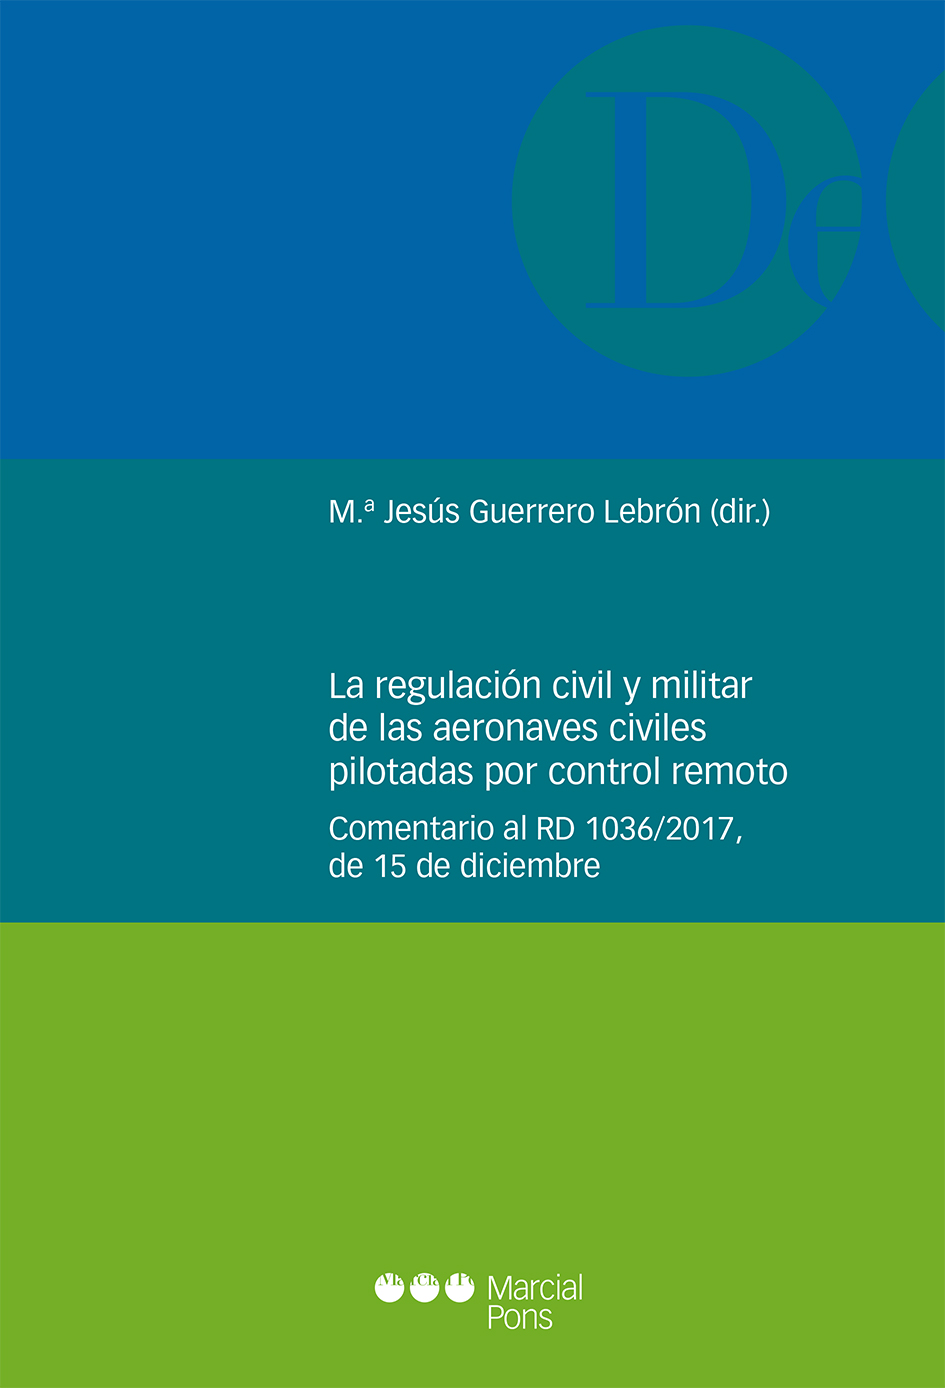 La regulación civil y militar de las aeronaves civiles pilotadas por control remoto   «Comentario al RD 1036/2017, de 15 de diciembre»